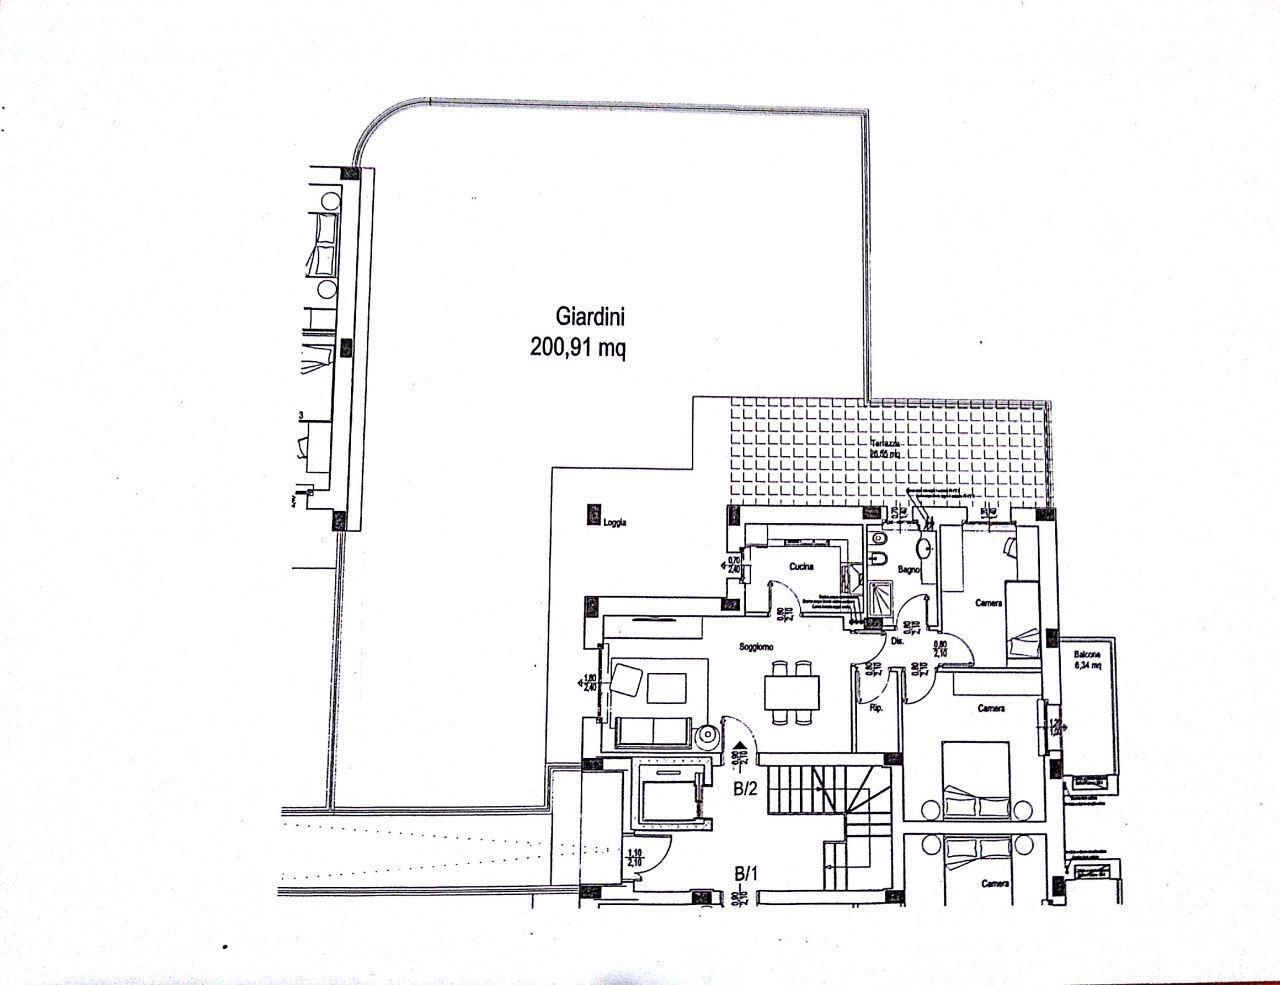 Appartamento in vendita a Chiaravalle, 5 locali, prezzo € 240.000 | Cambio Casa.it